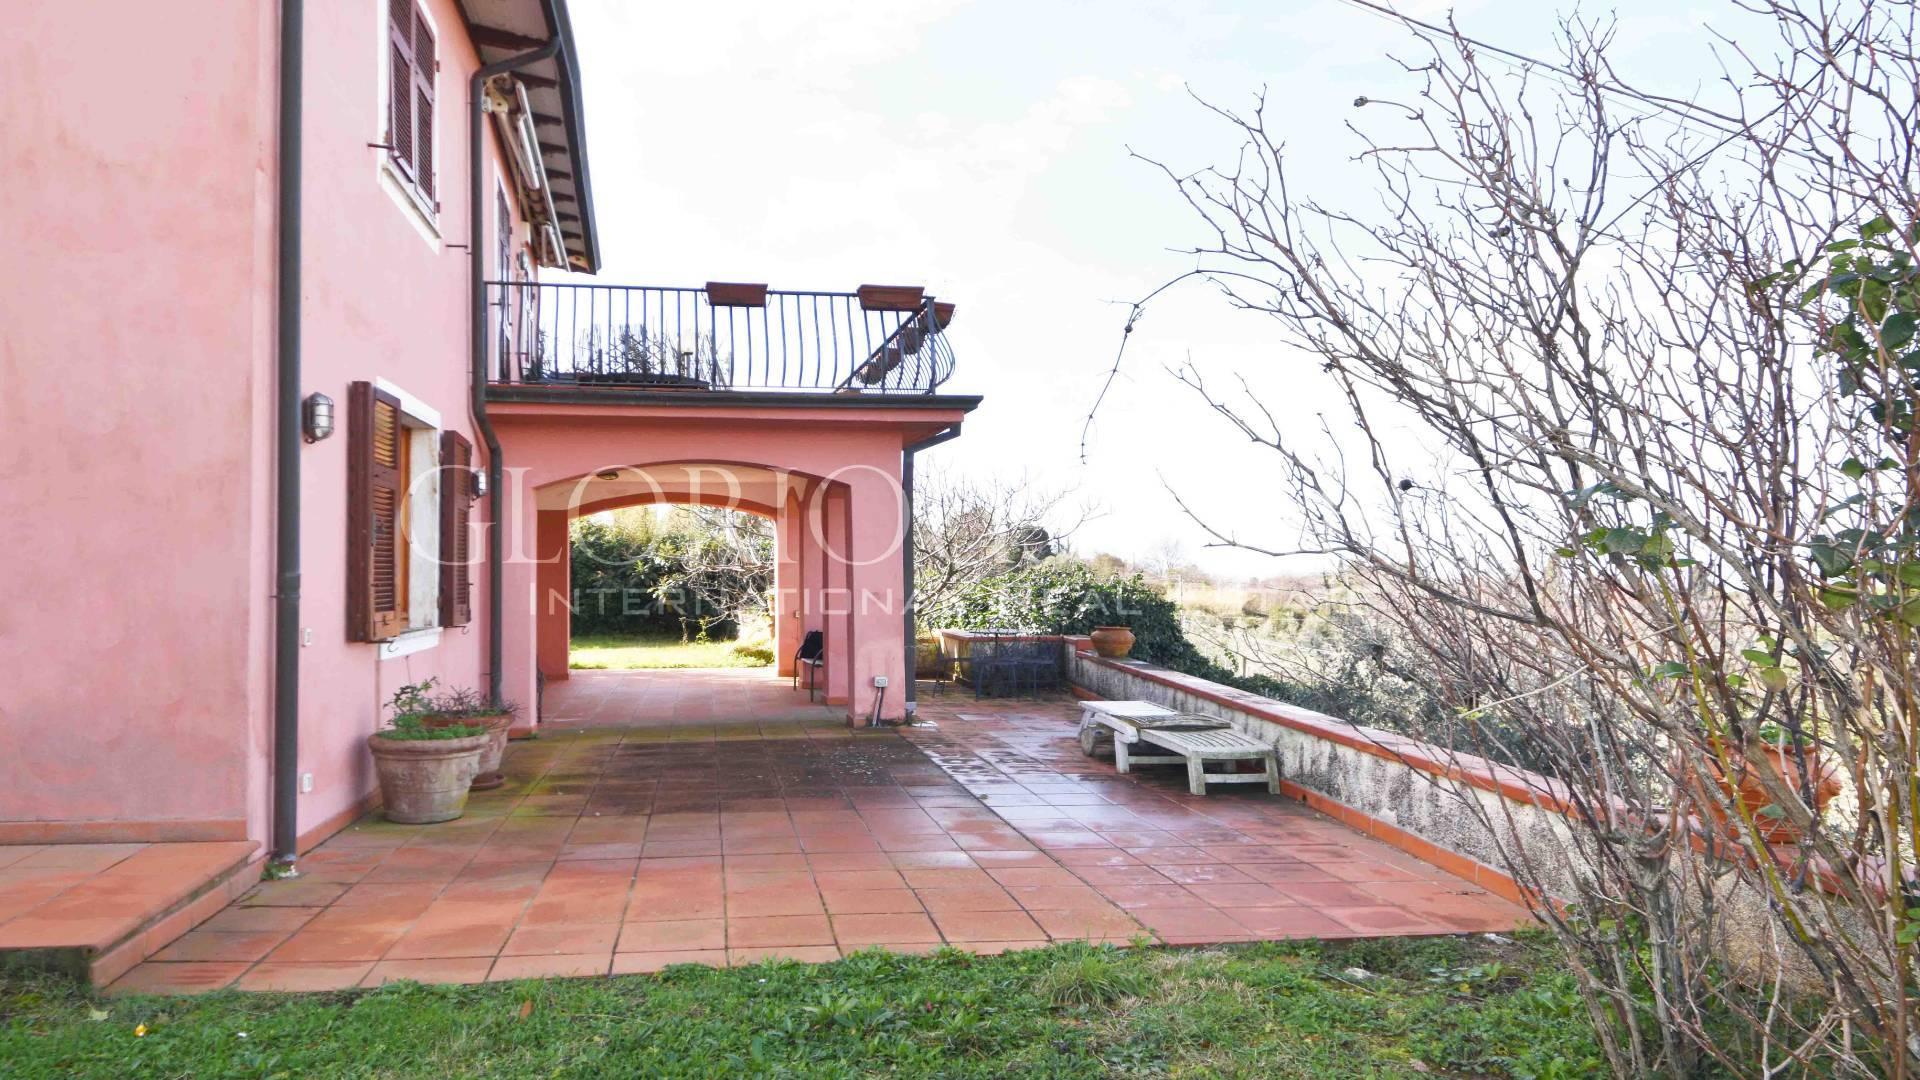 Villa in Vendita a Ameglia: 5 locali, 220 mq - Foto 2